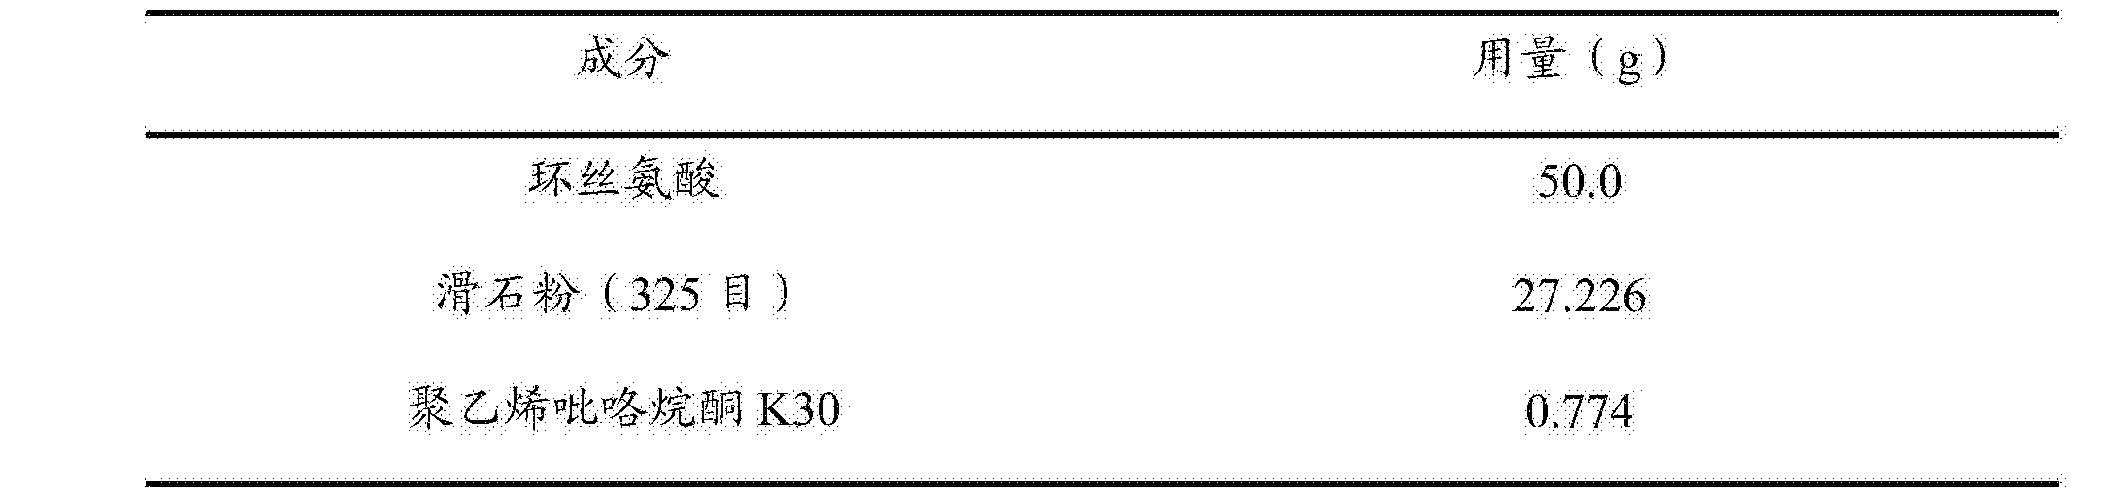 Figure CN105476976BD00261